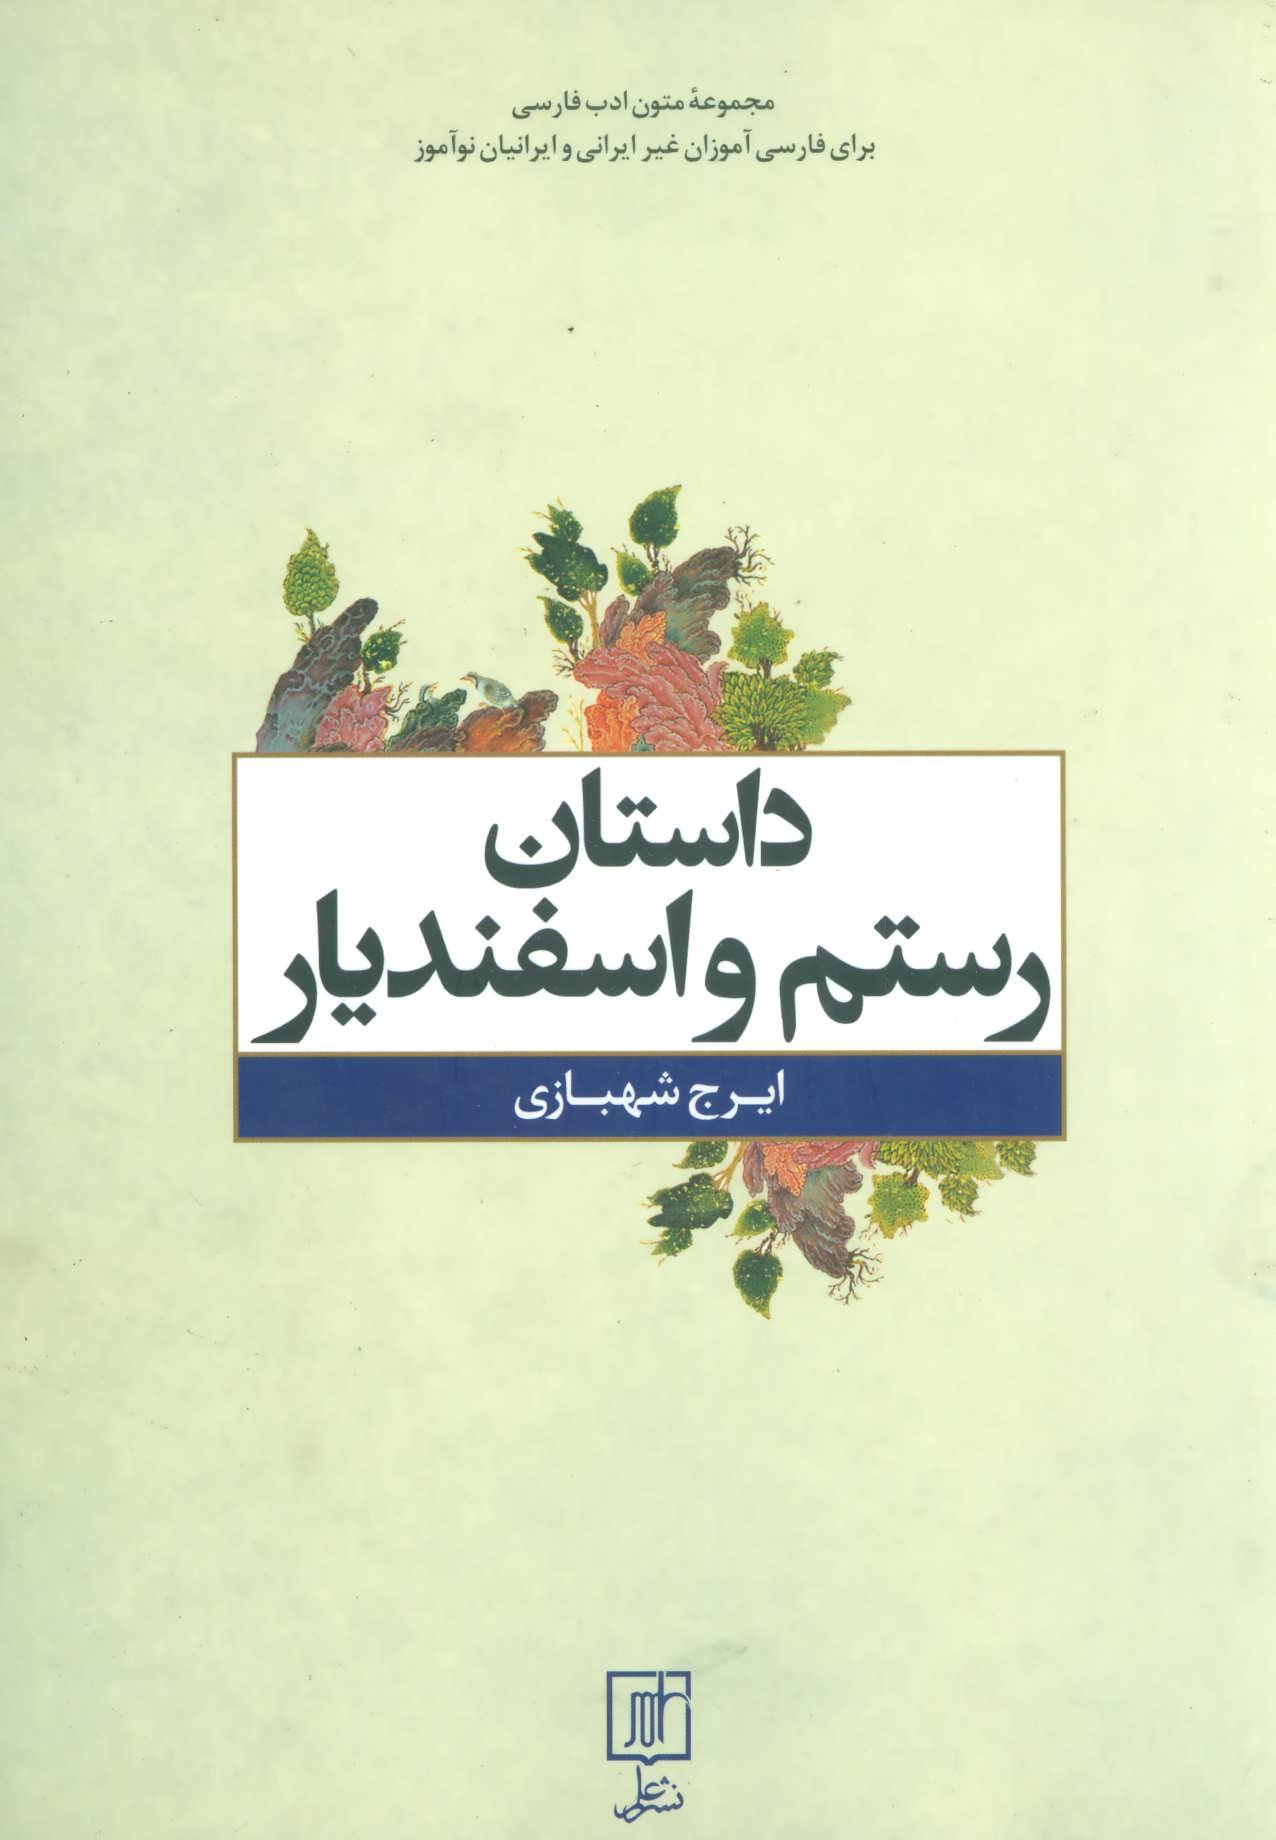 کتاب داستان رستم و اسفندیار